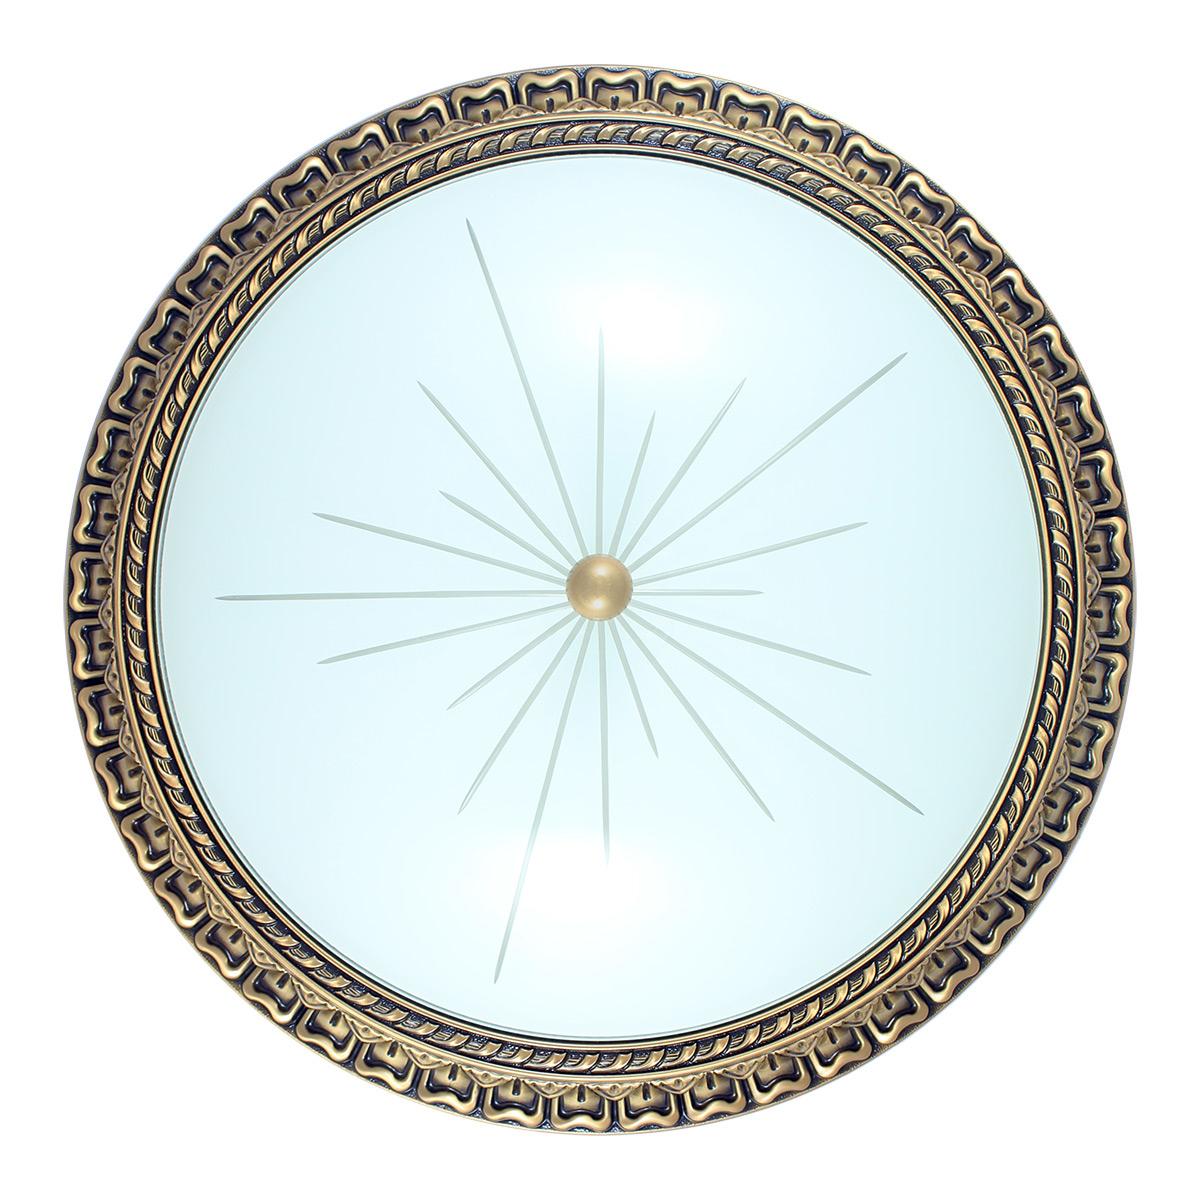 Immagine di Plafoniera in bronzo - Stile decorato - Diametro 50,6 cm